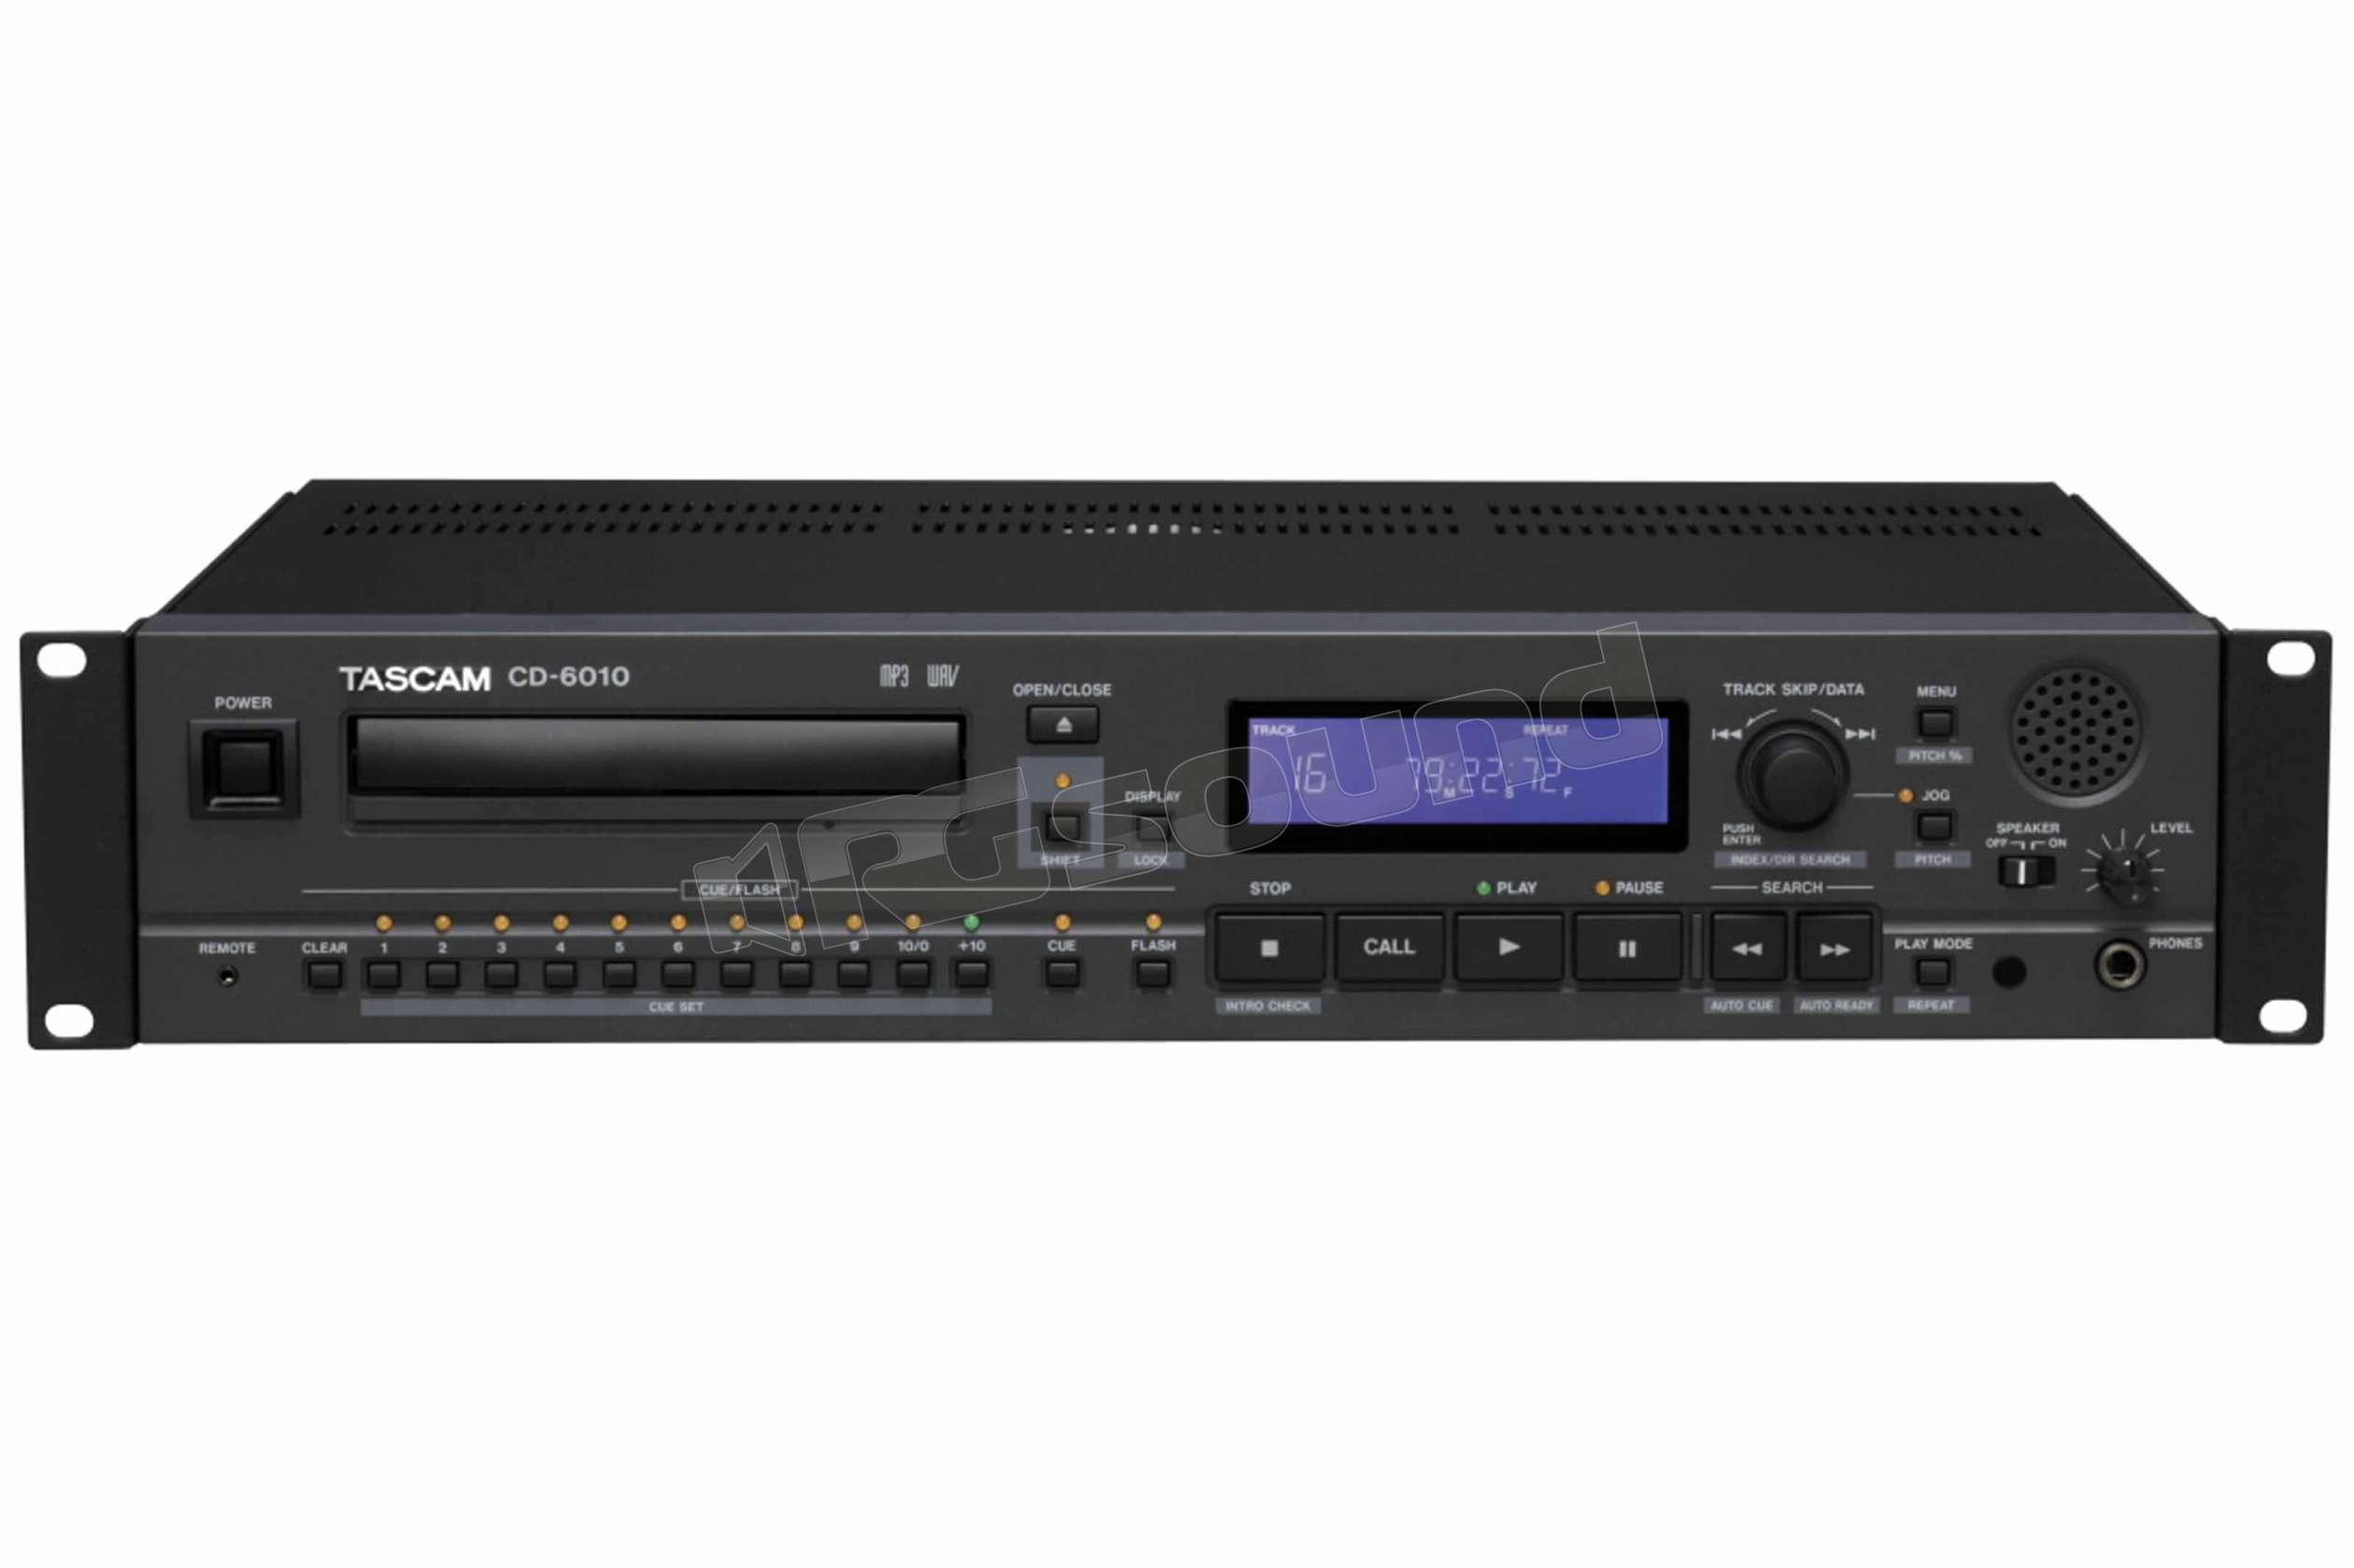 grandi affari sulla moda a basso costo aspetto elegante TASCAM CD-6010 lettore CD professionale con funzioni playback top di gamma  | Diffusori Home e Home Theatre - Lettori Compact Disc